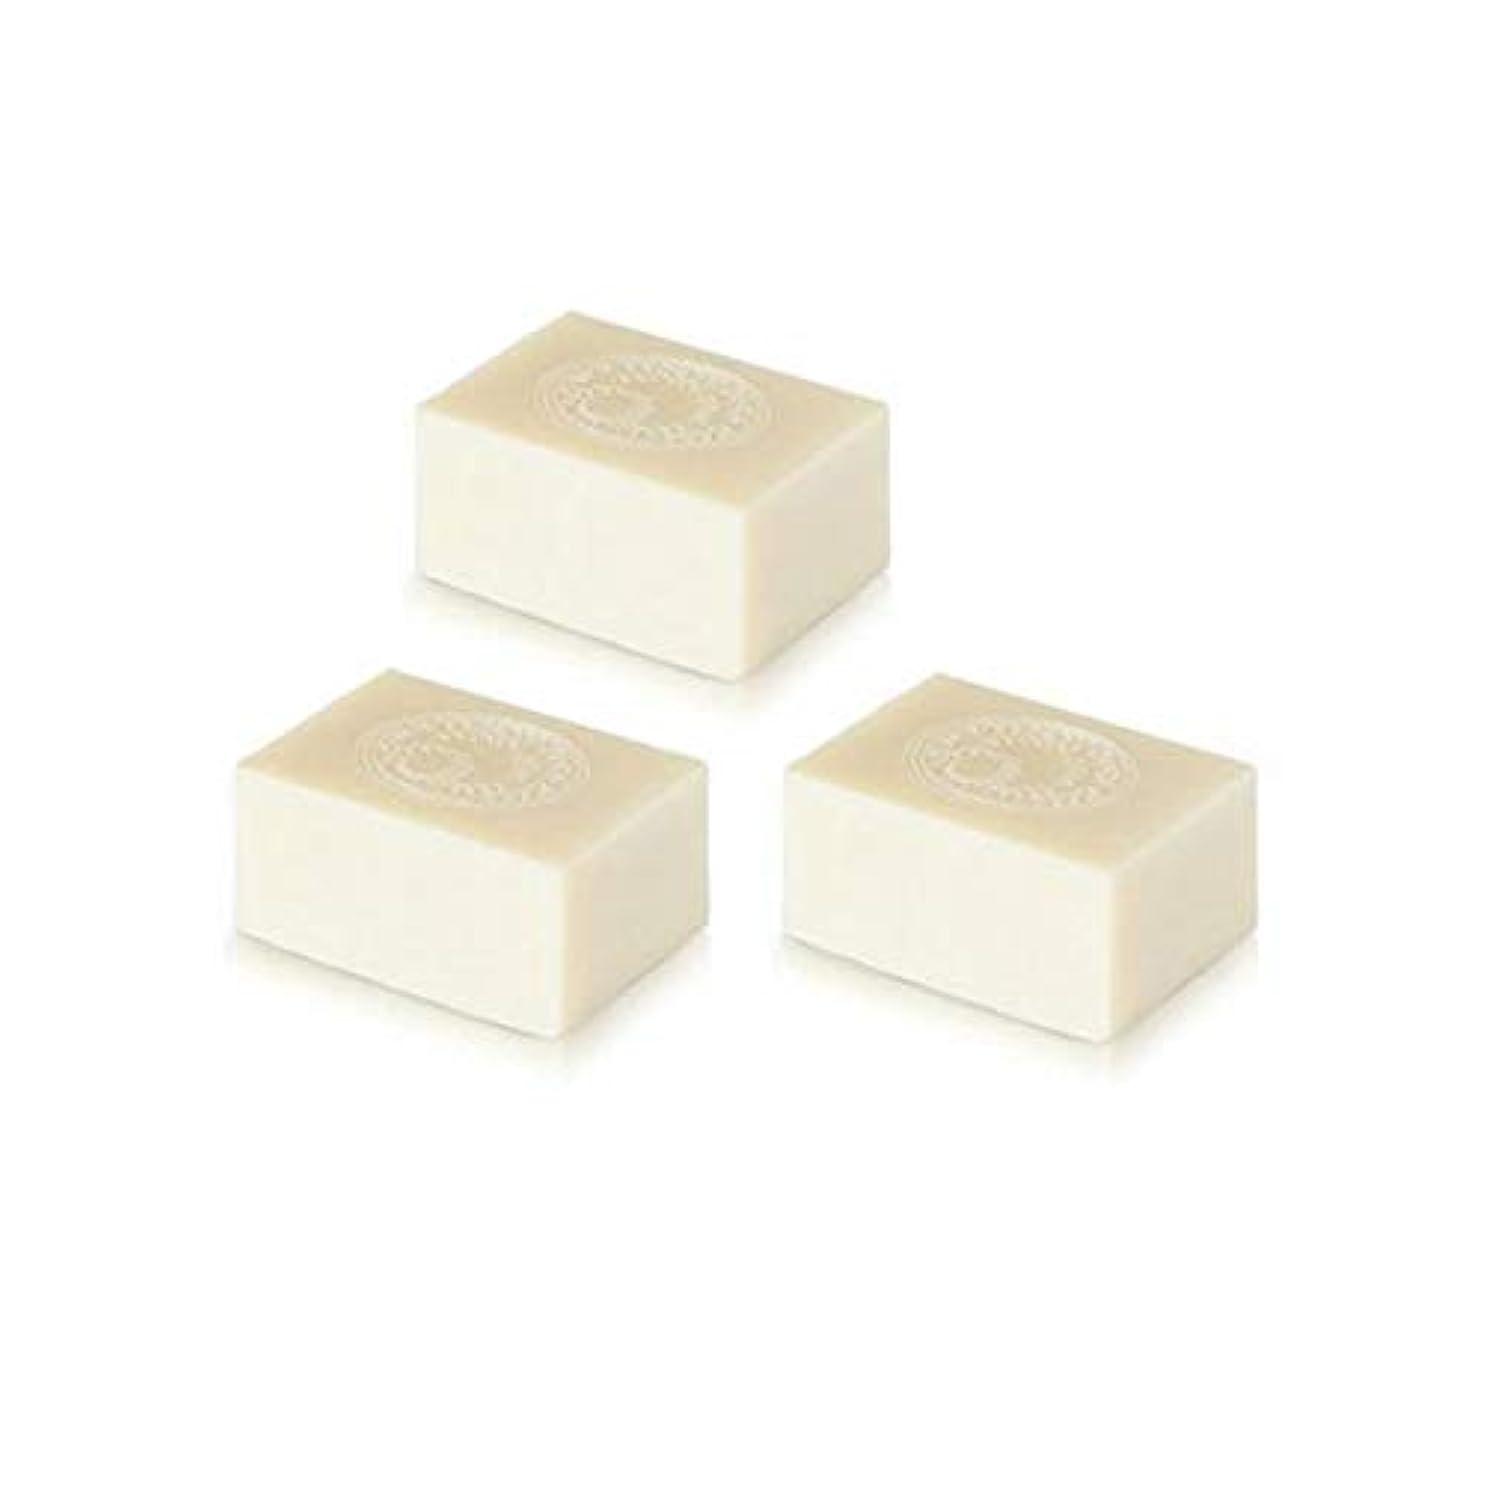 厳しい硬いレスリングアルガン石鹸3個セット( 145g ×3個) アルガンオイルの完全無添加石鹸